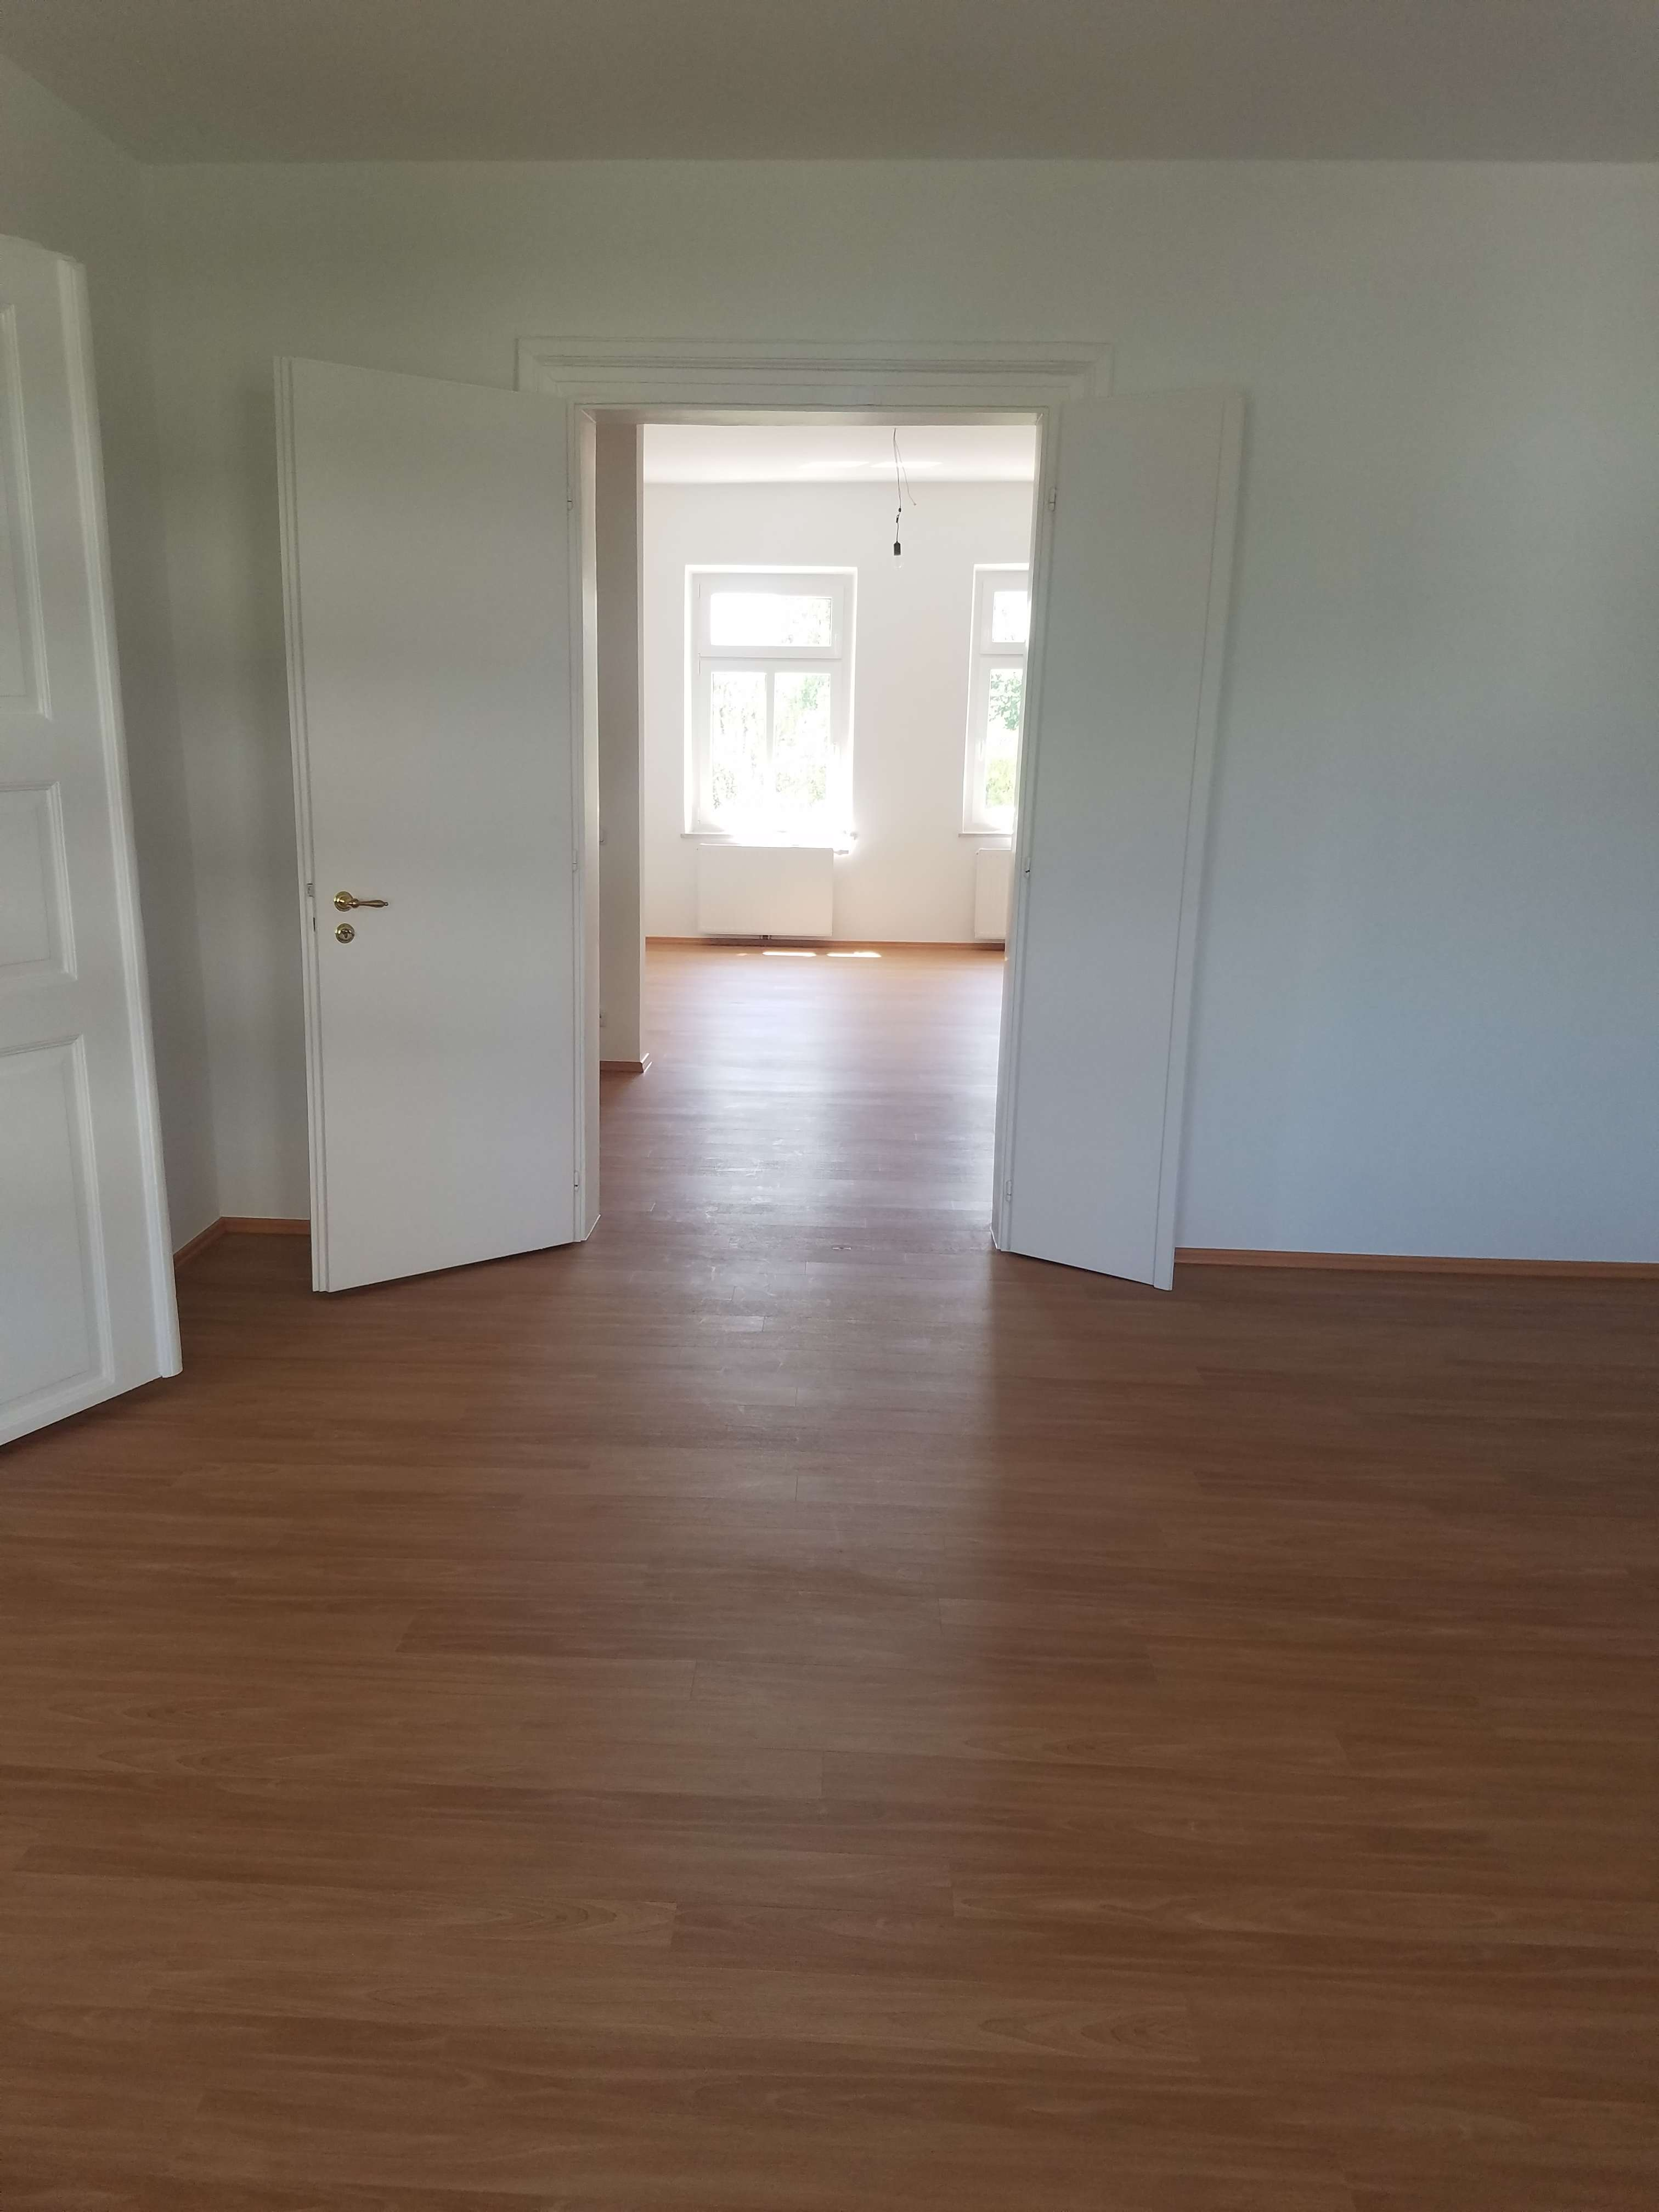 Maxvorstadt Altbau, schöne 6 Zimmer Wohnung